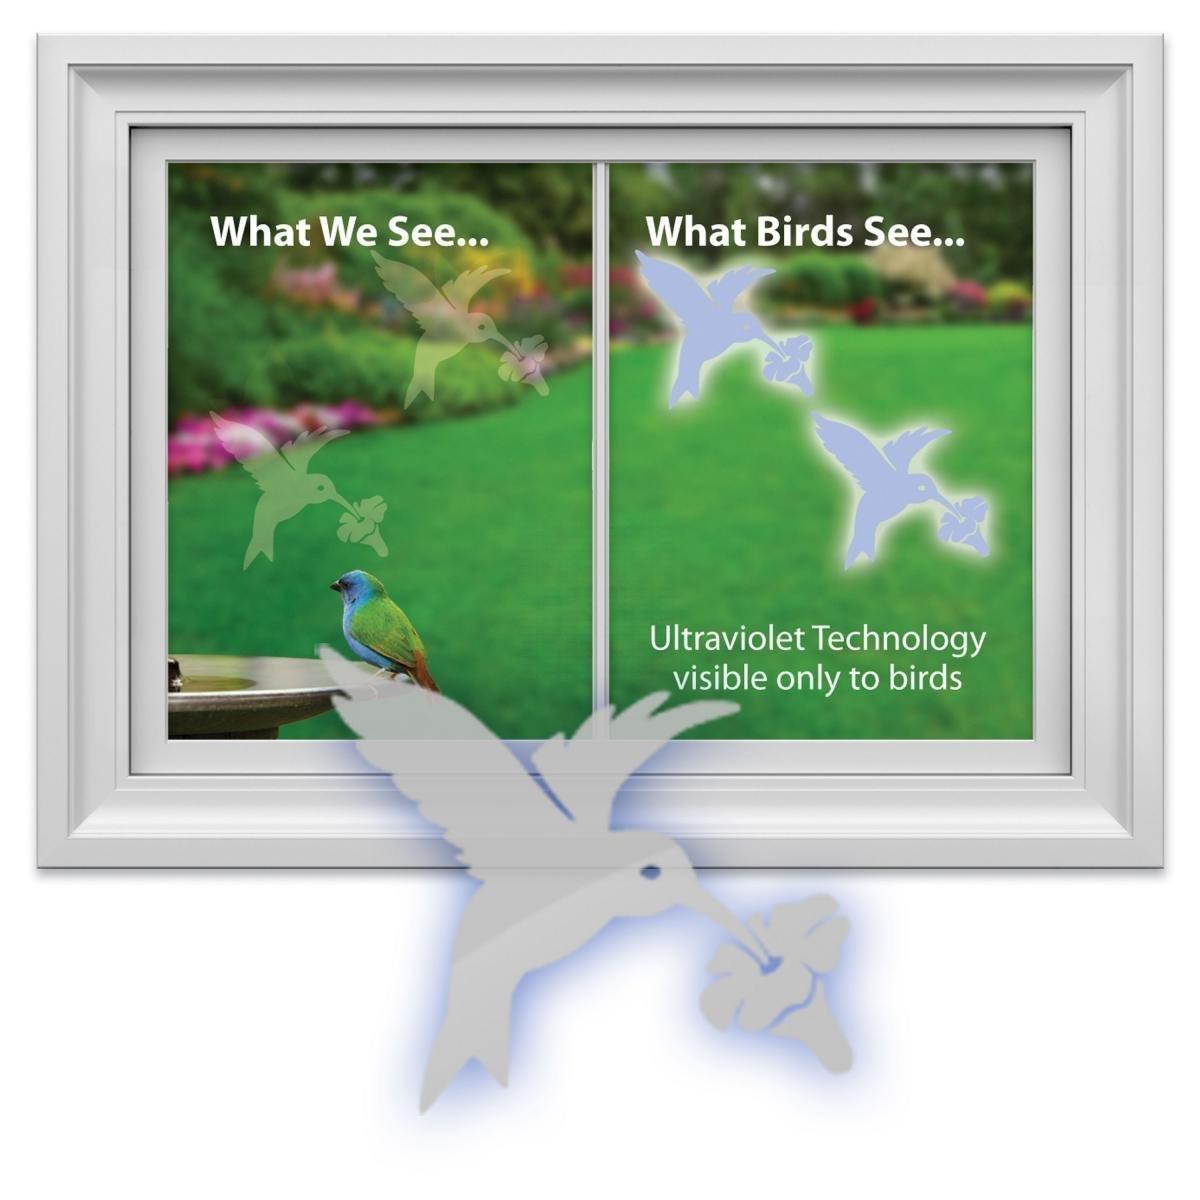 Window Alert Hummingbird Decals Amazon Custom Vinyl Decals - Window alert hummingbird decals amazon